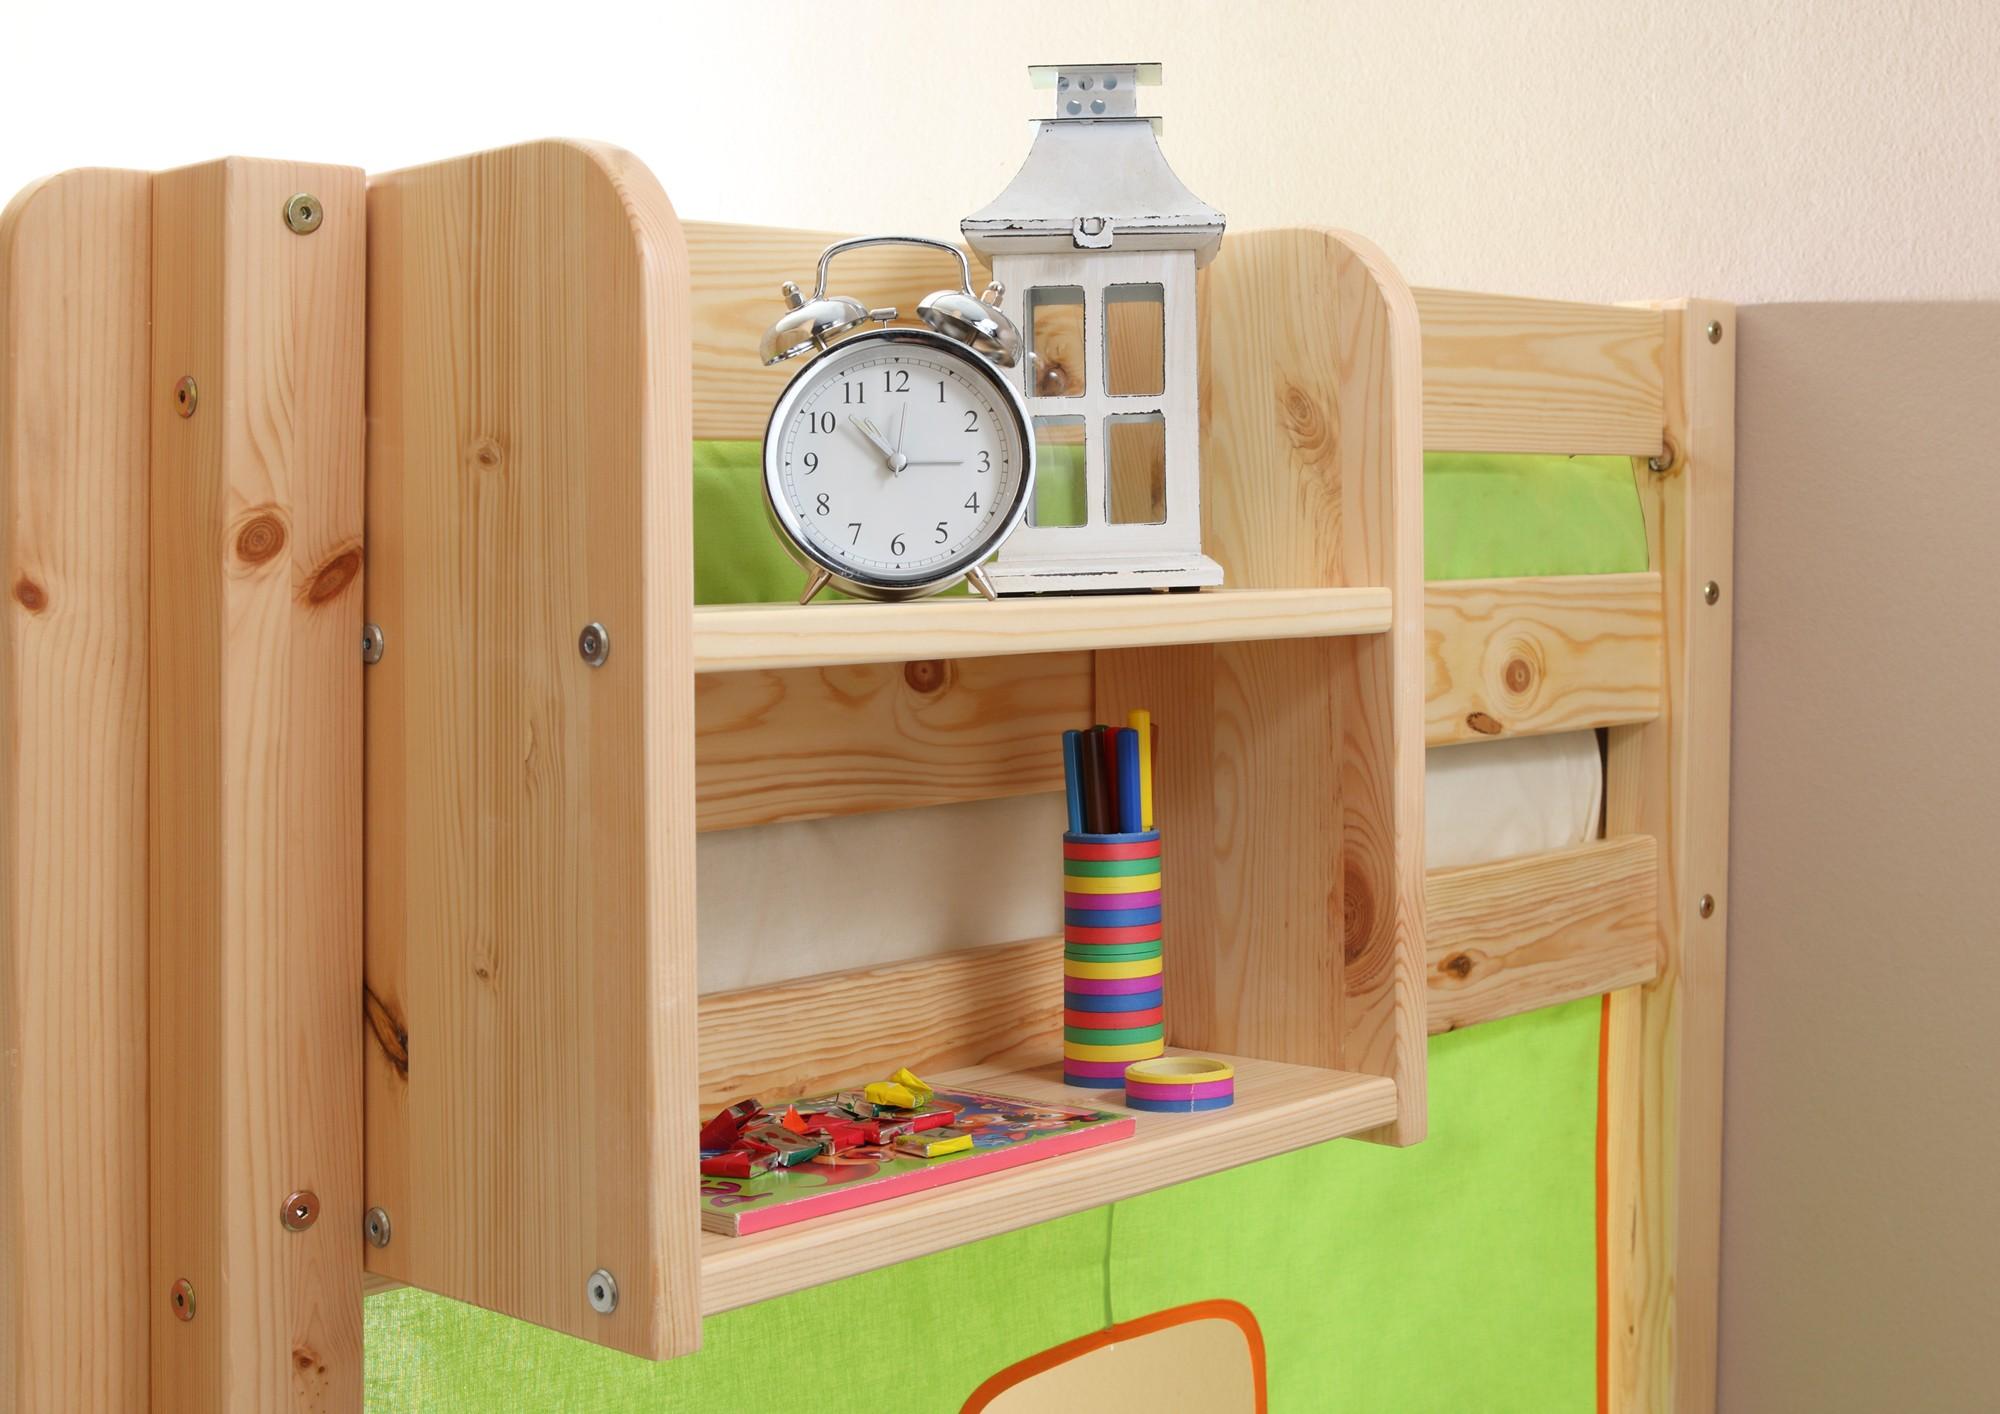 Etagenbett Klein : Einhängeregal für hoch und etagenbett klein mod.805997 kiefer weiss